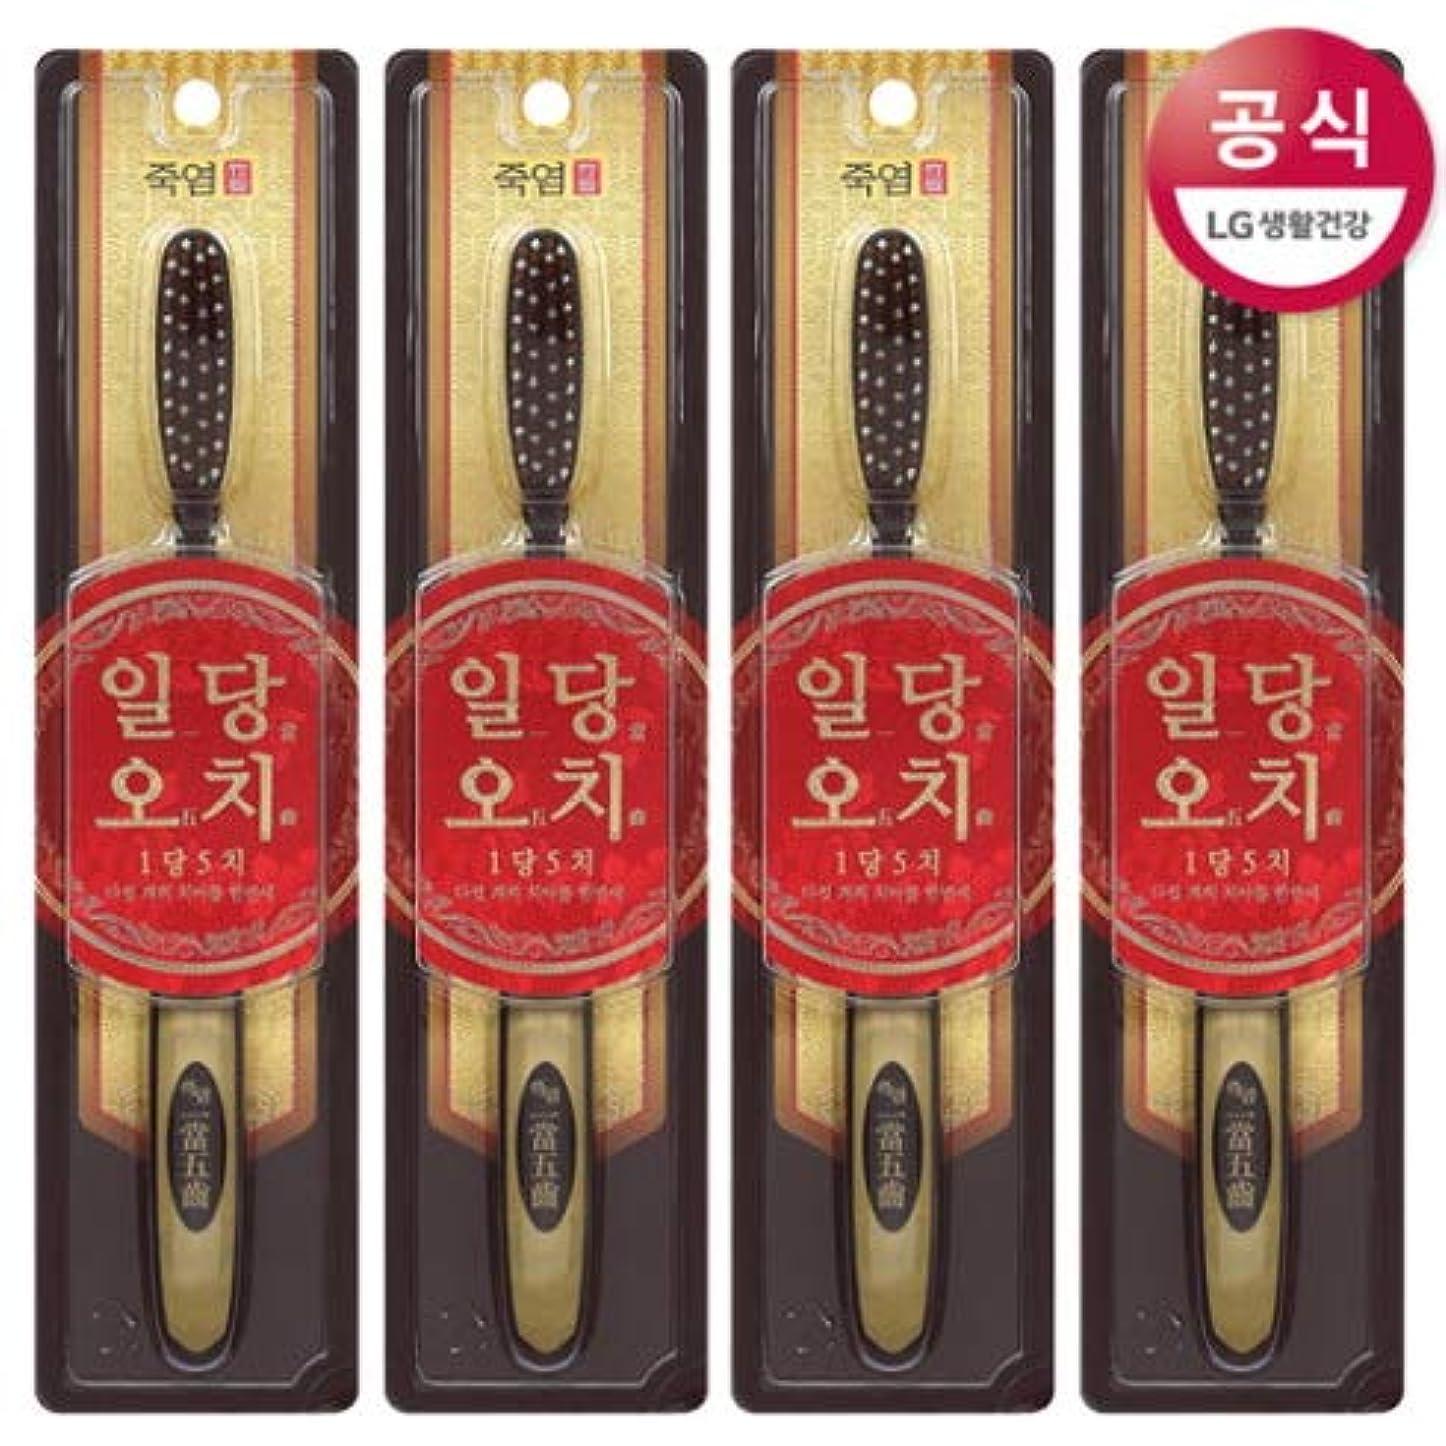 お手伝いさんニュージーランド失望[LG HnB] Bamboo Salt Oodi toothbrush/竹塩日当越智歯ブラシ 5つの(海外直送品)